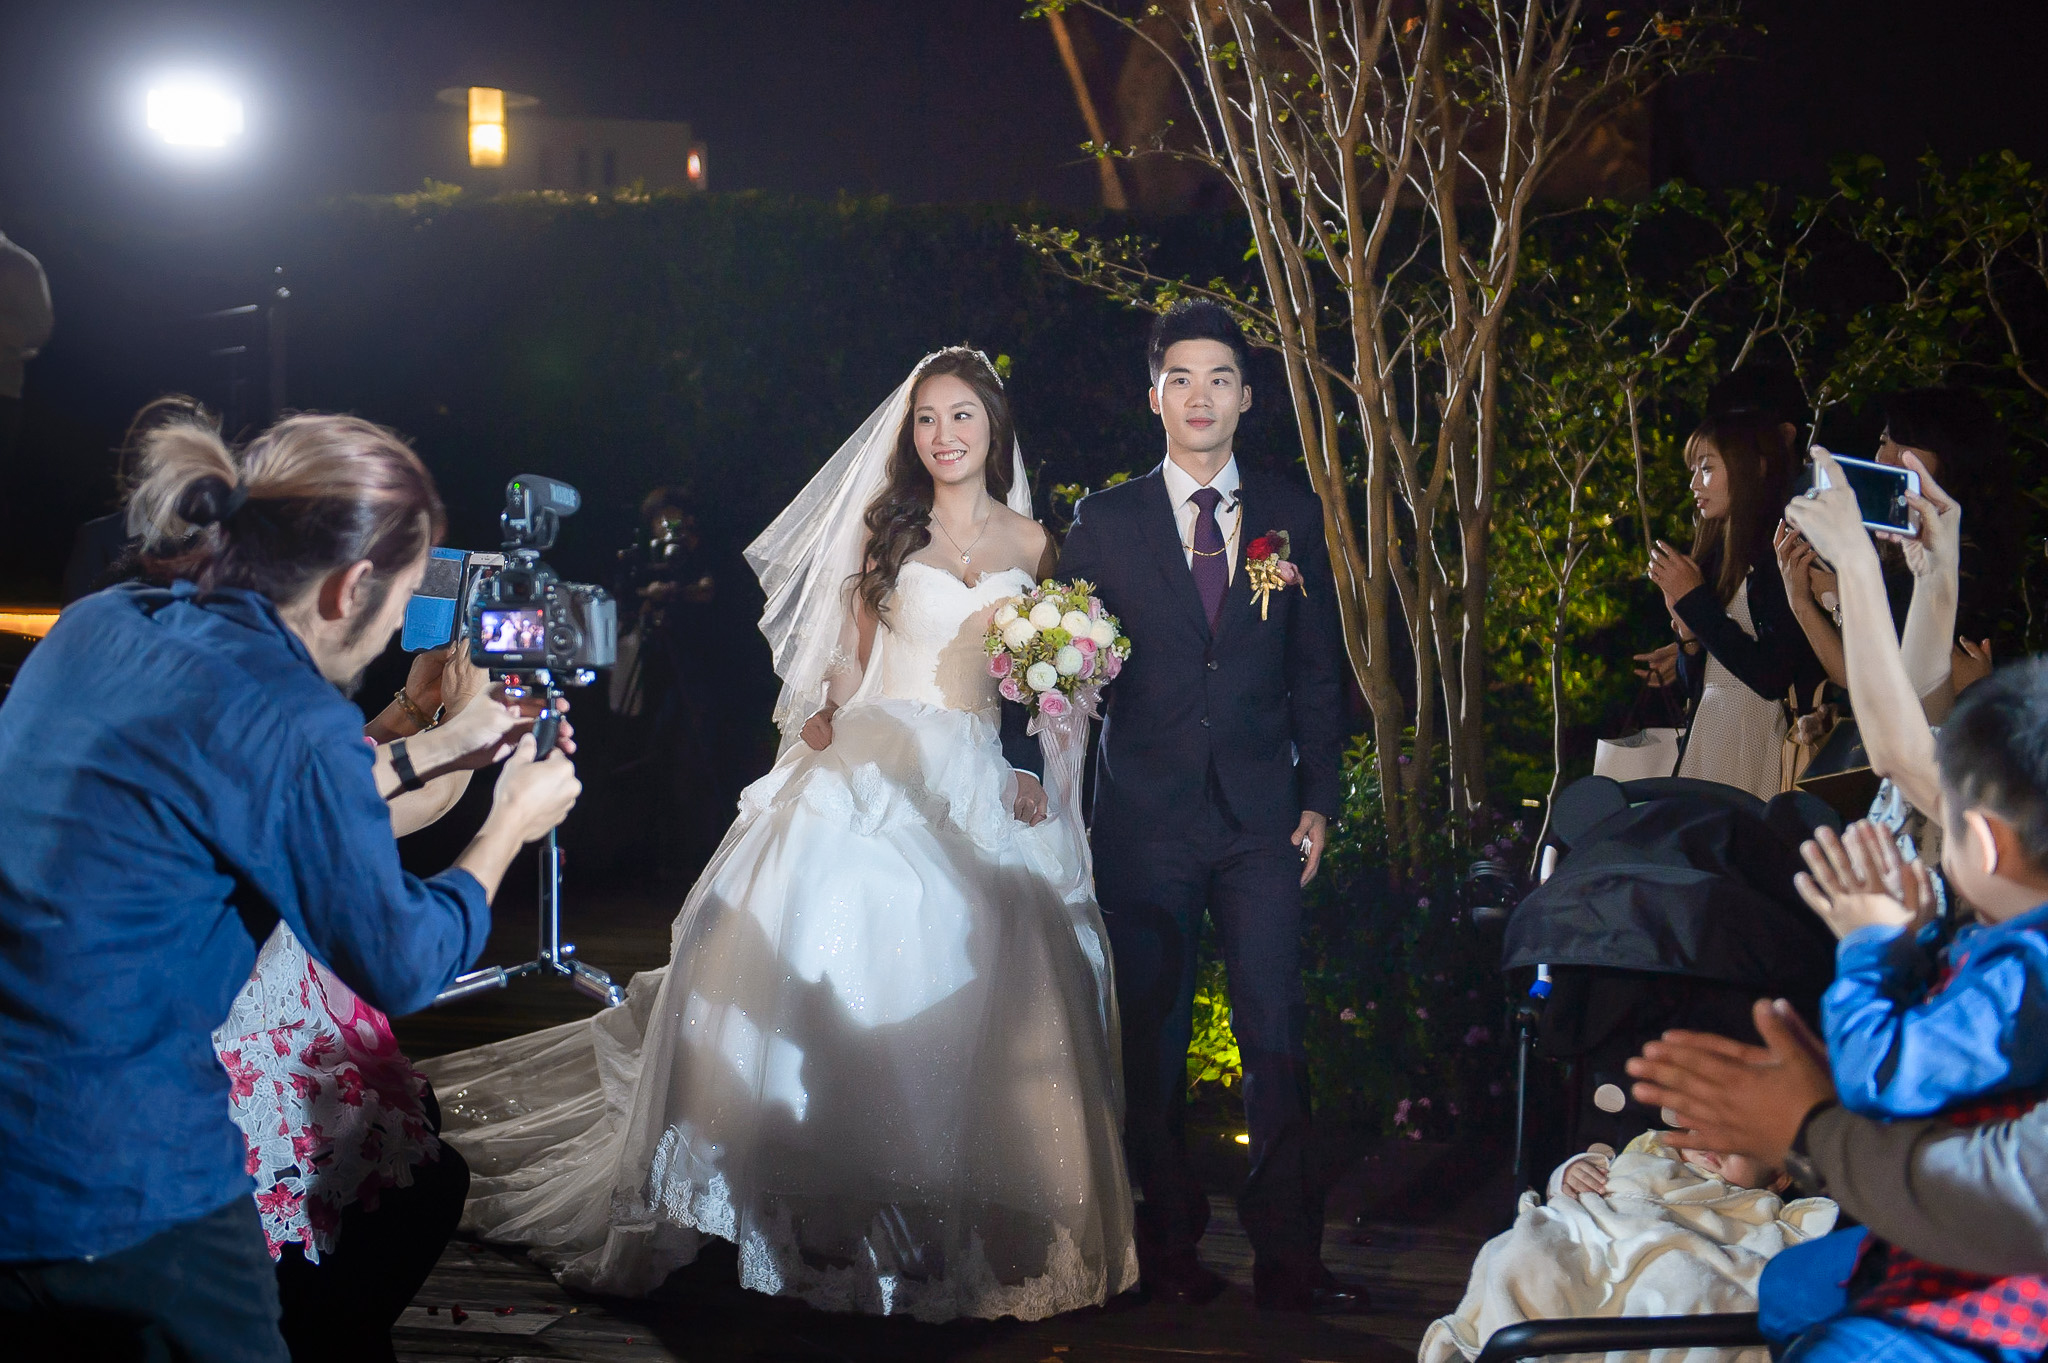 【婚攝優哥】年盈 ♥ 怡廷 – 台北維多麗亞酒店